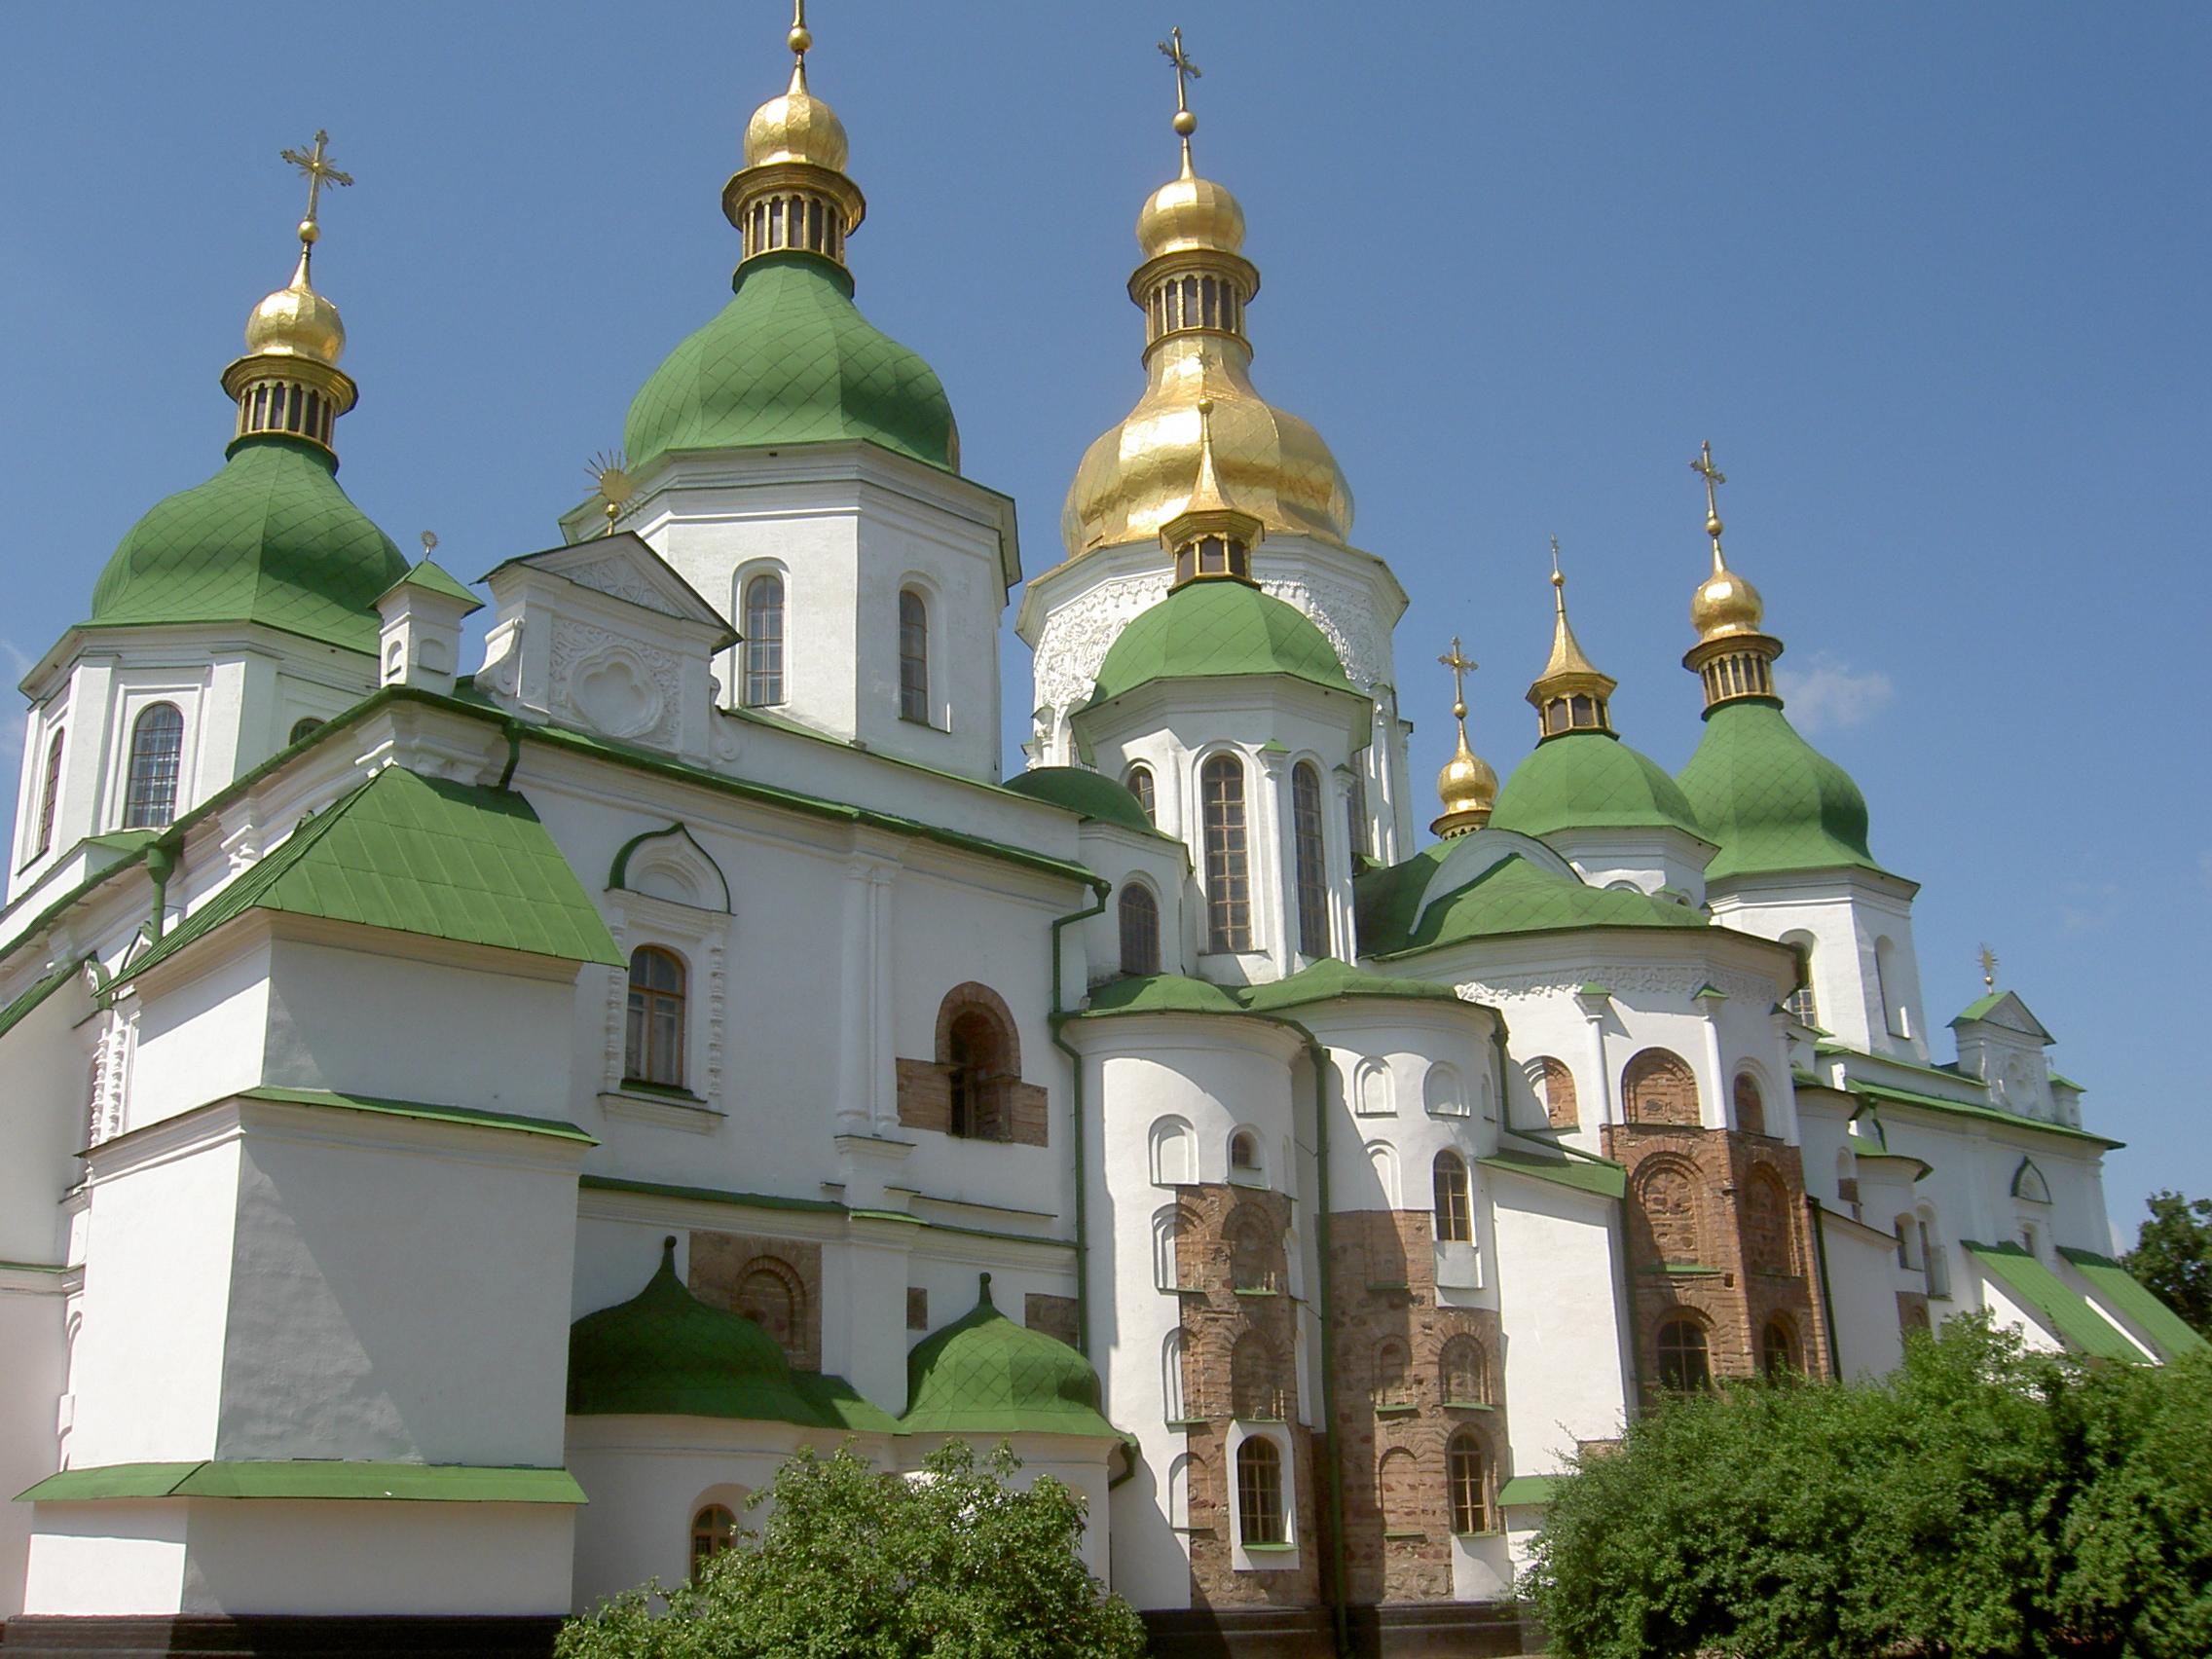 """В 1934 создан музей-заповедник  """"Софийский музей """", включающий кроме самого Софийского собора окружающий его ансамбль..."""